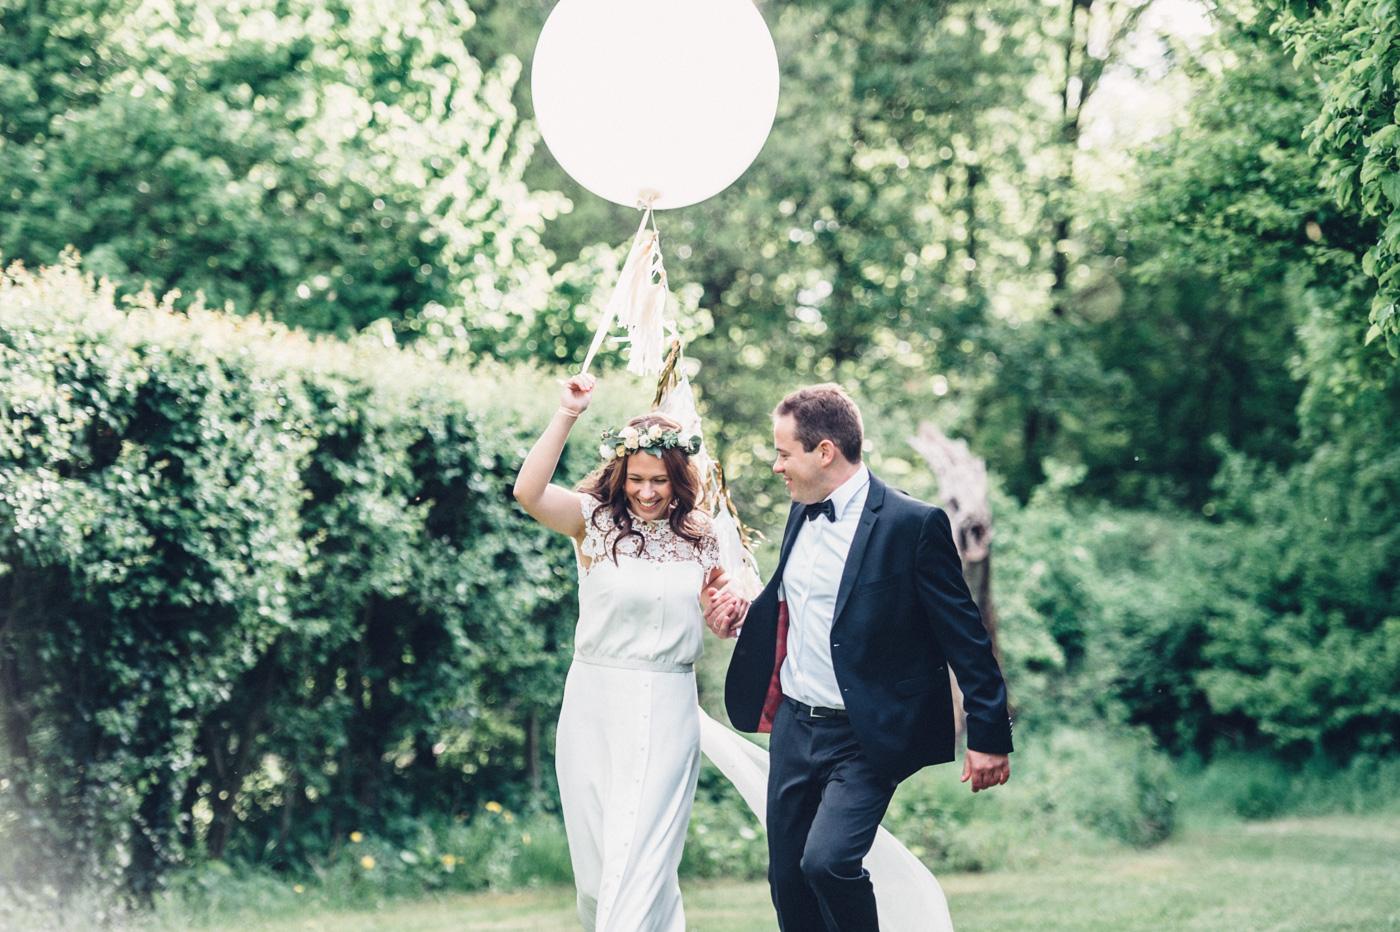 diy-wedding-nothenhof--121